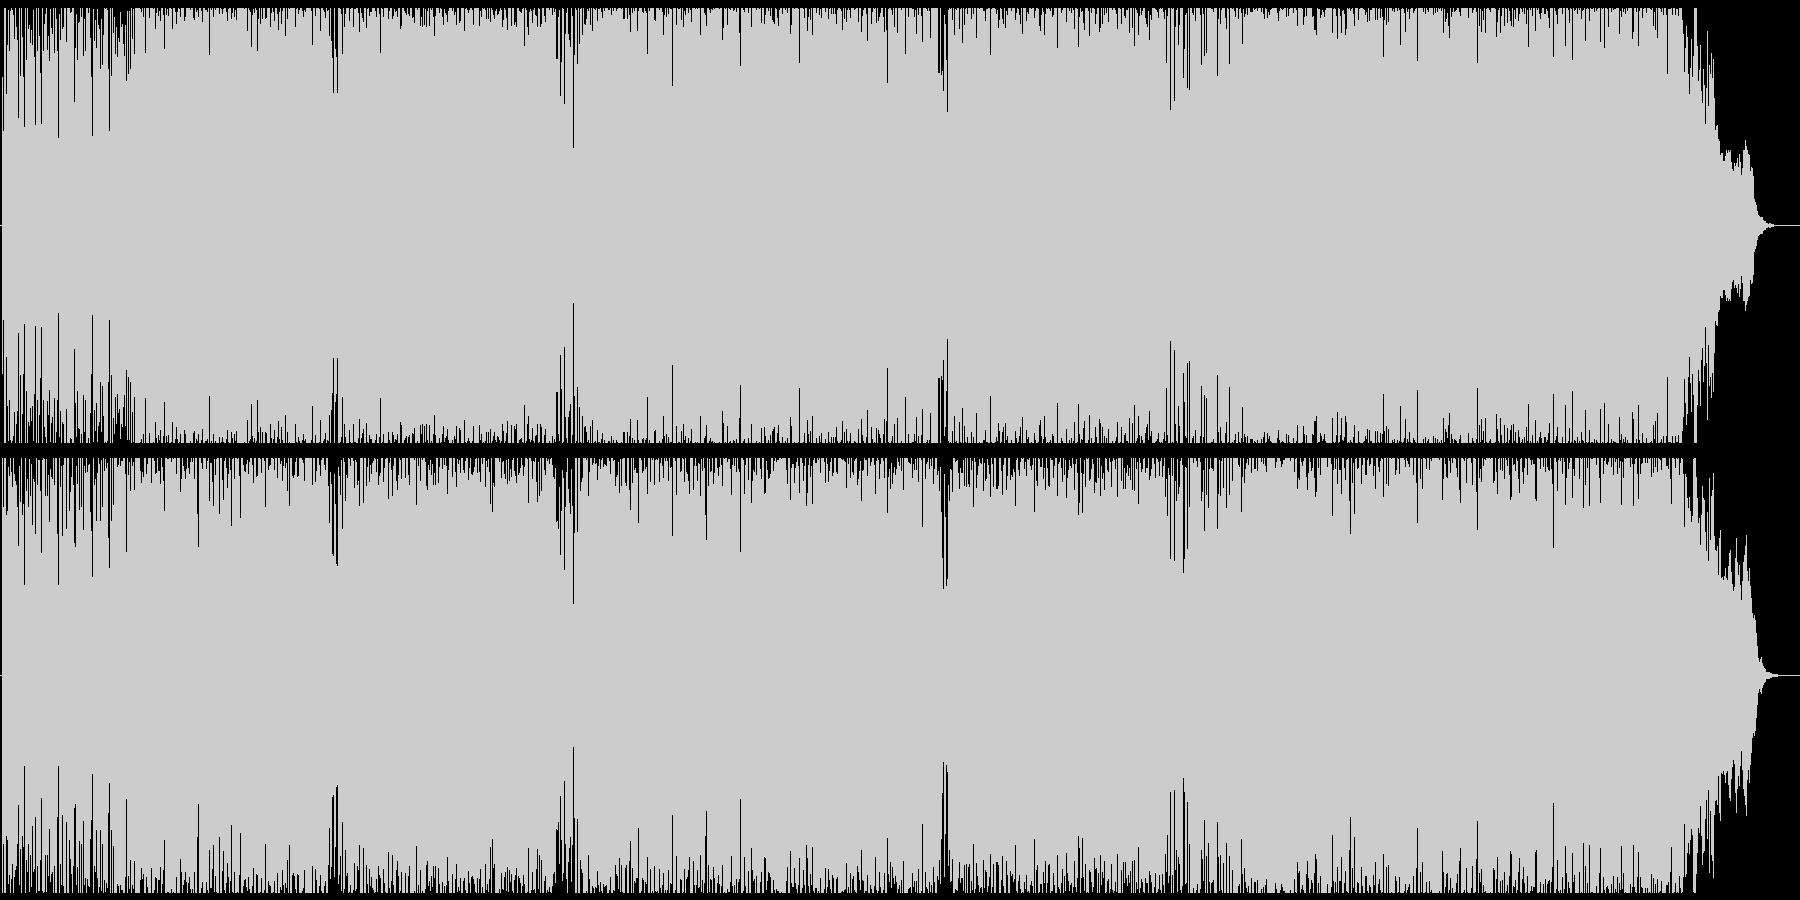 ピアノとブラスが絡むワクワクするインストの未再生の波形